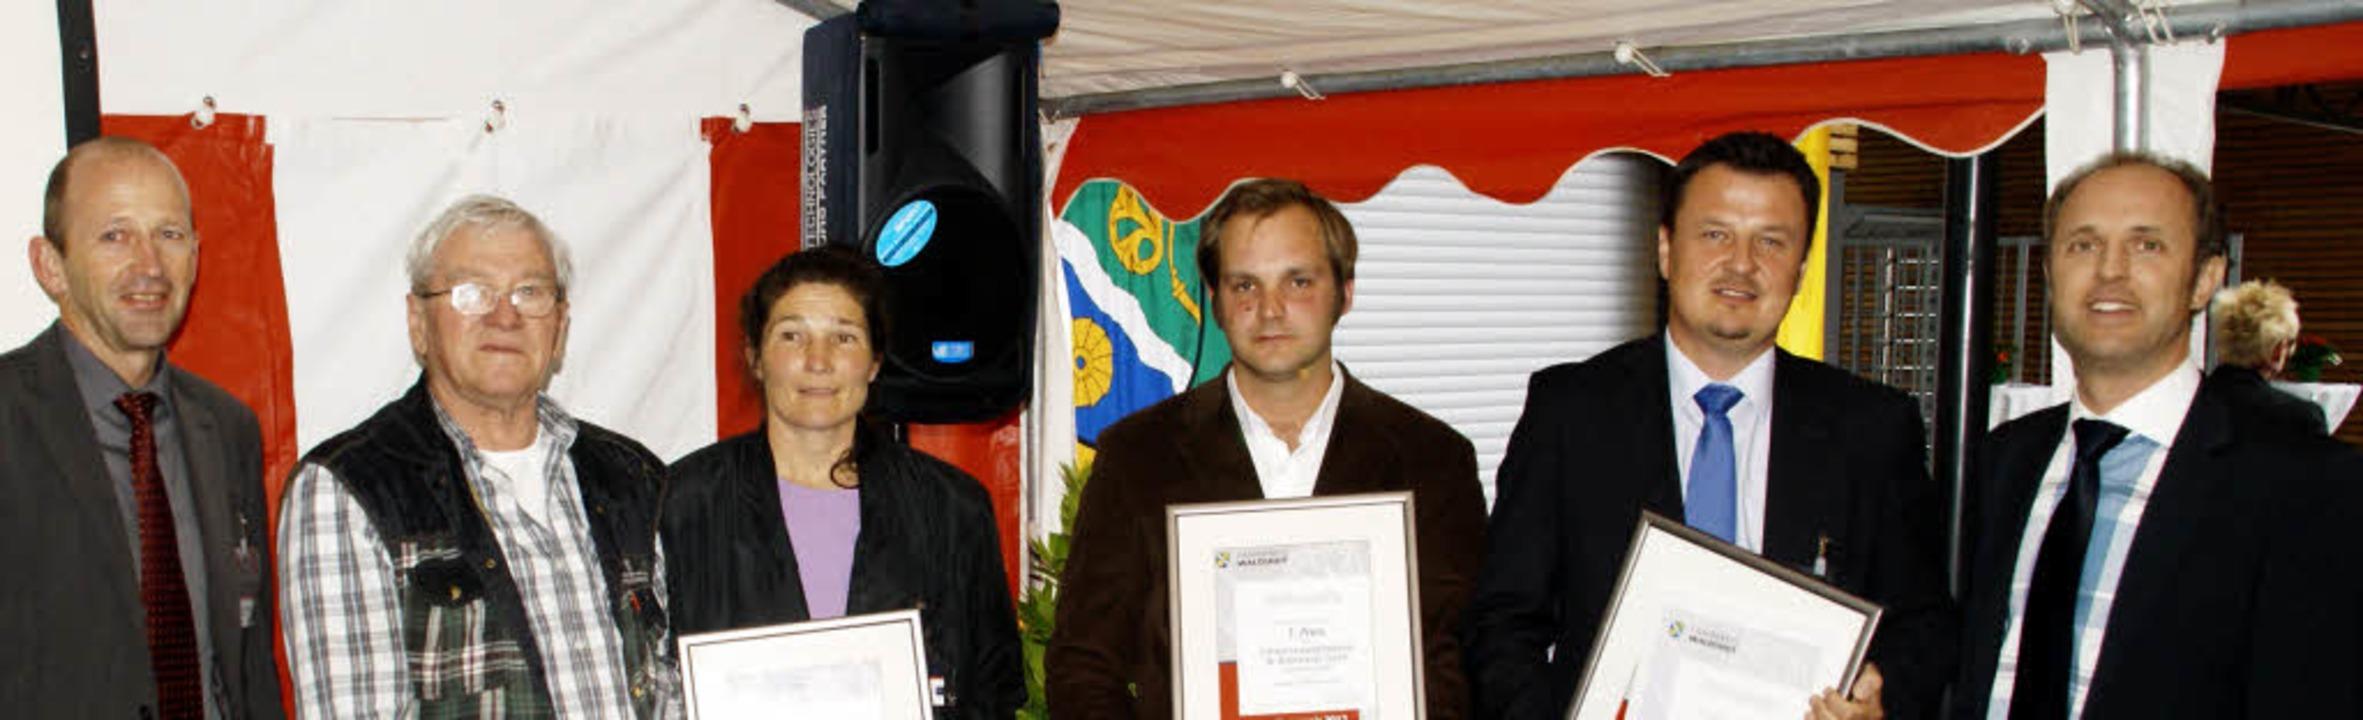 Ehrung der Innovationspreisträger  201... Landrat Tilman Bollacher (von links)   | Foto: Hrvoje Miloslavic